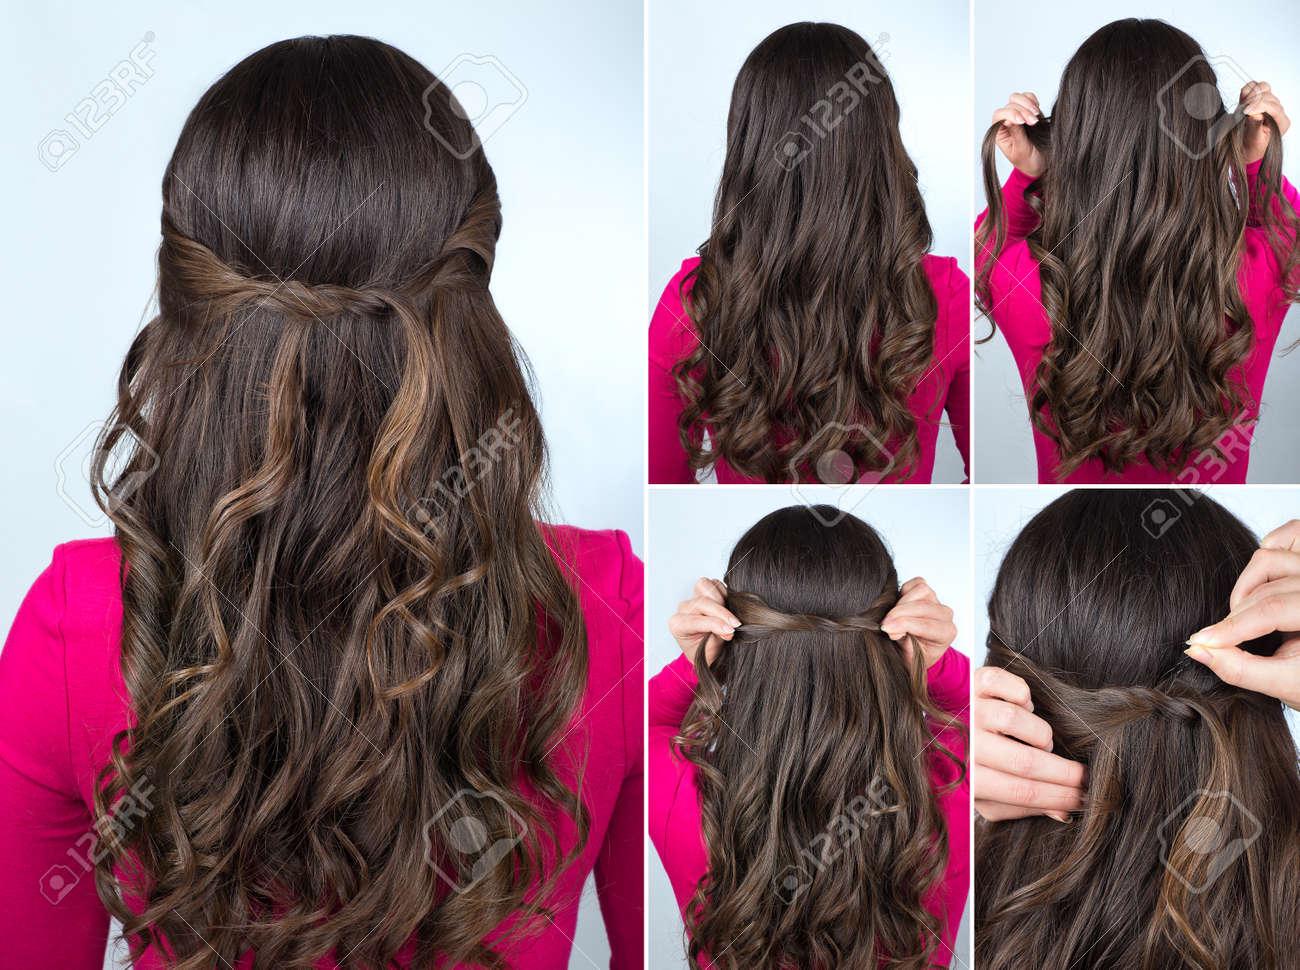 Einfache Geknotete Frisur Auf Lockiges Haar Tutorial Frisur Für